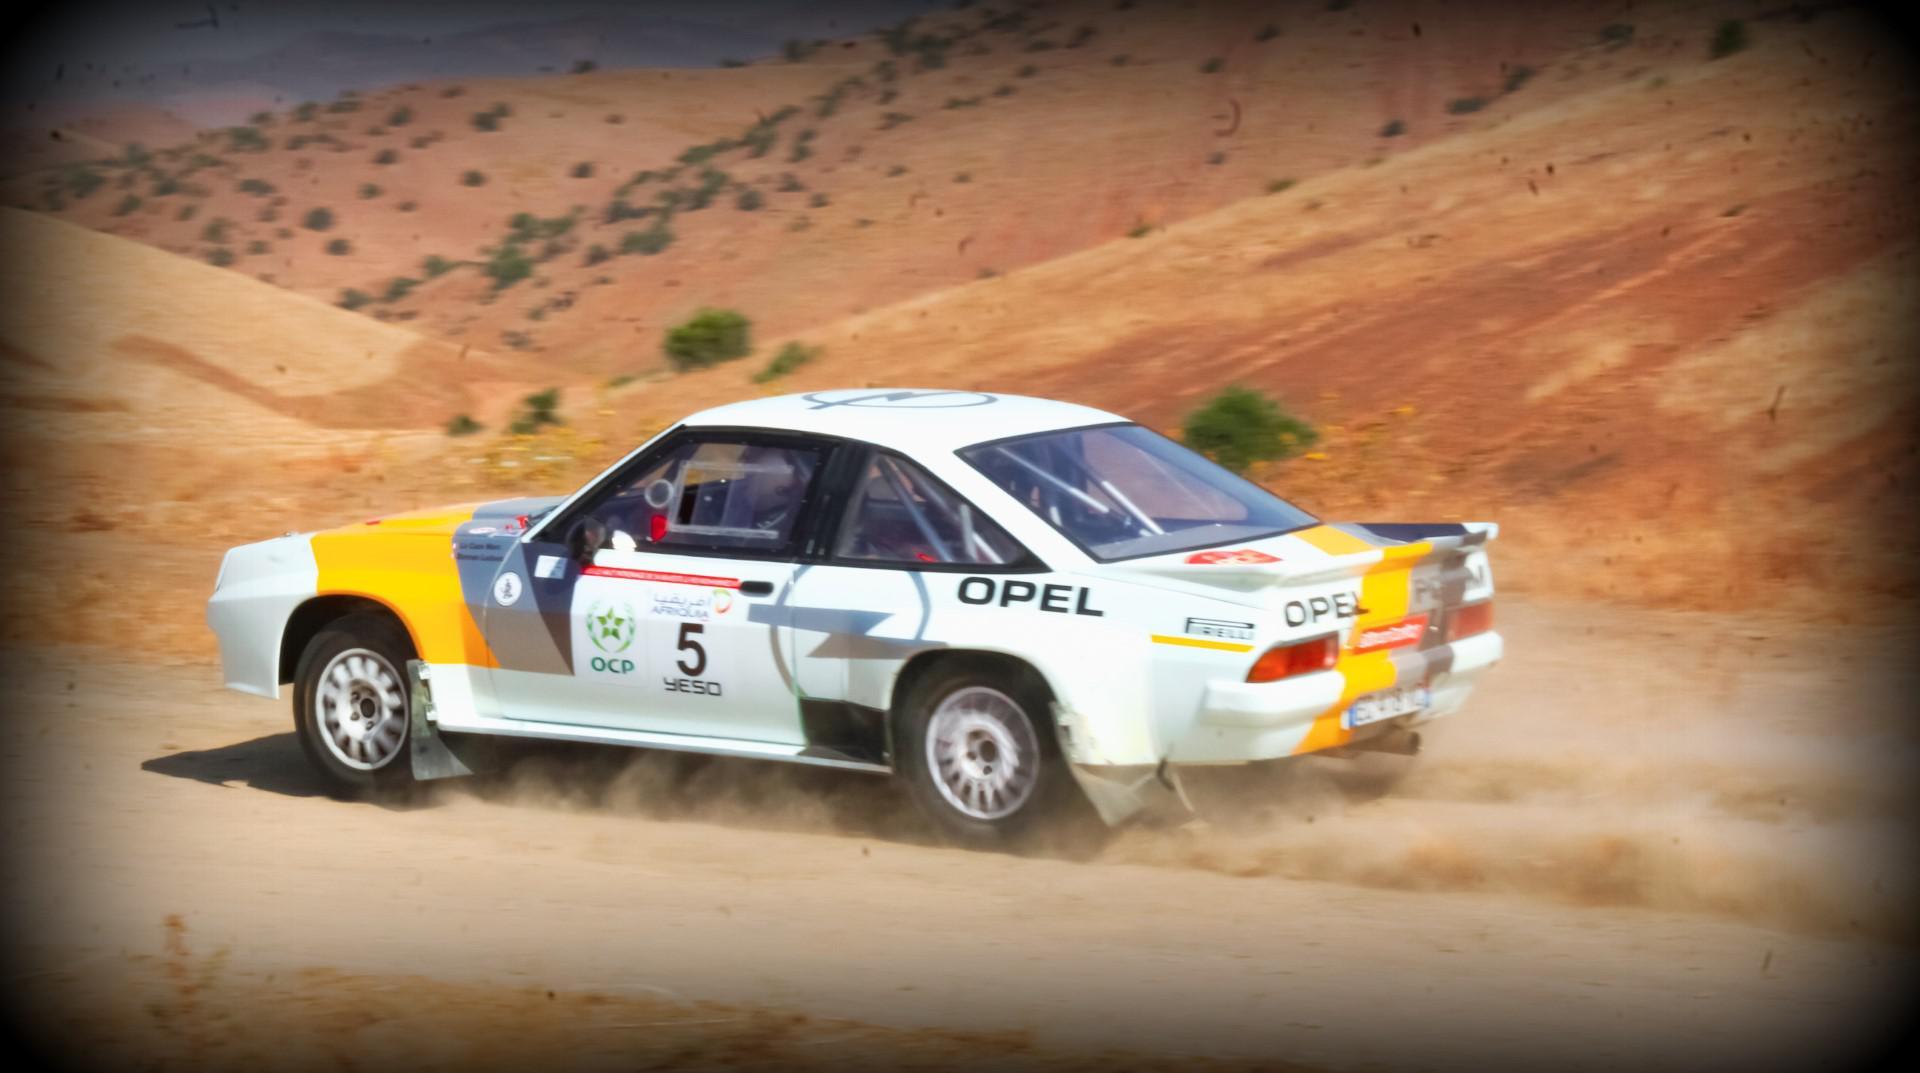 maroc-historic-rally-mhr-2018-oreille-domine-des-le-jour-1-821-11.jpg